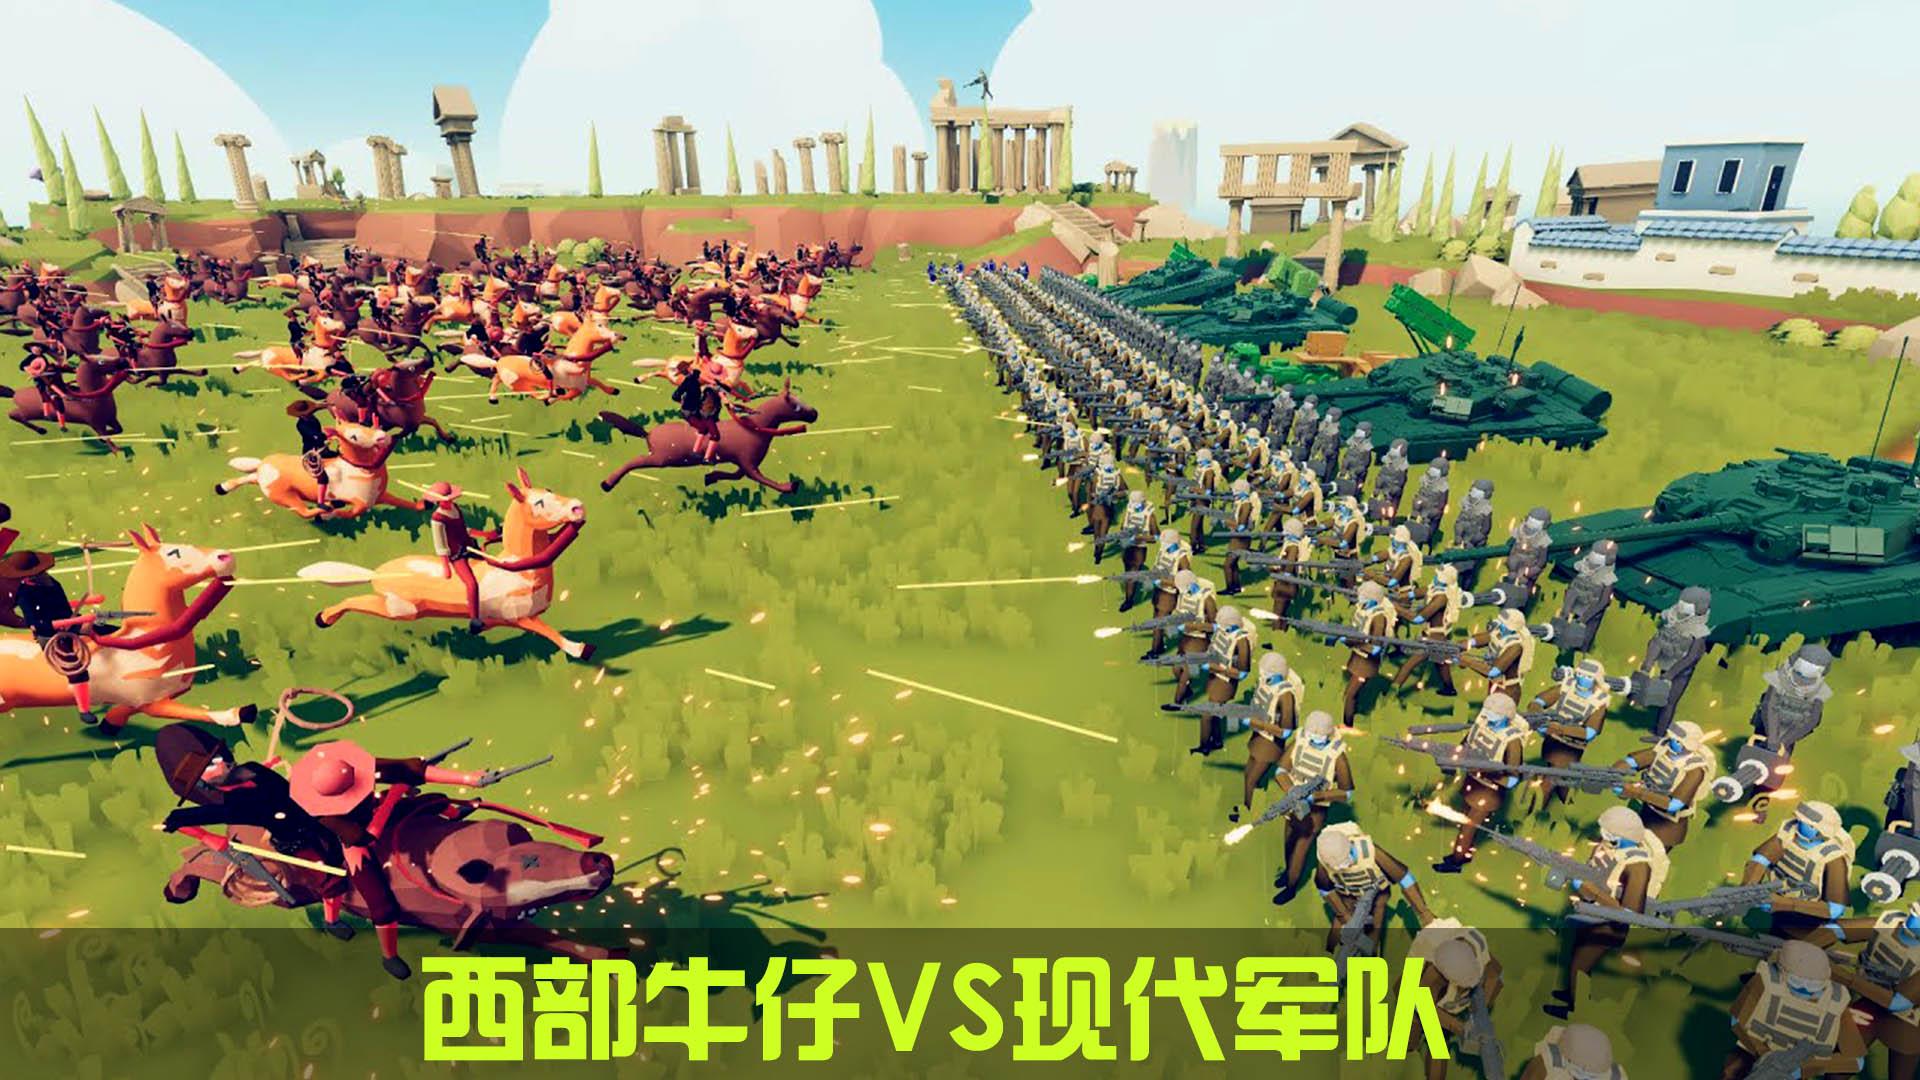 全面战争模拟器:牛仔大军VS机械部队!